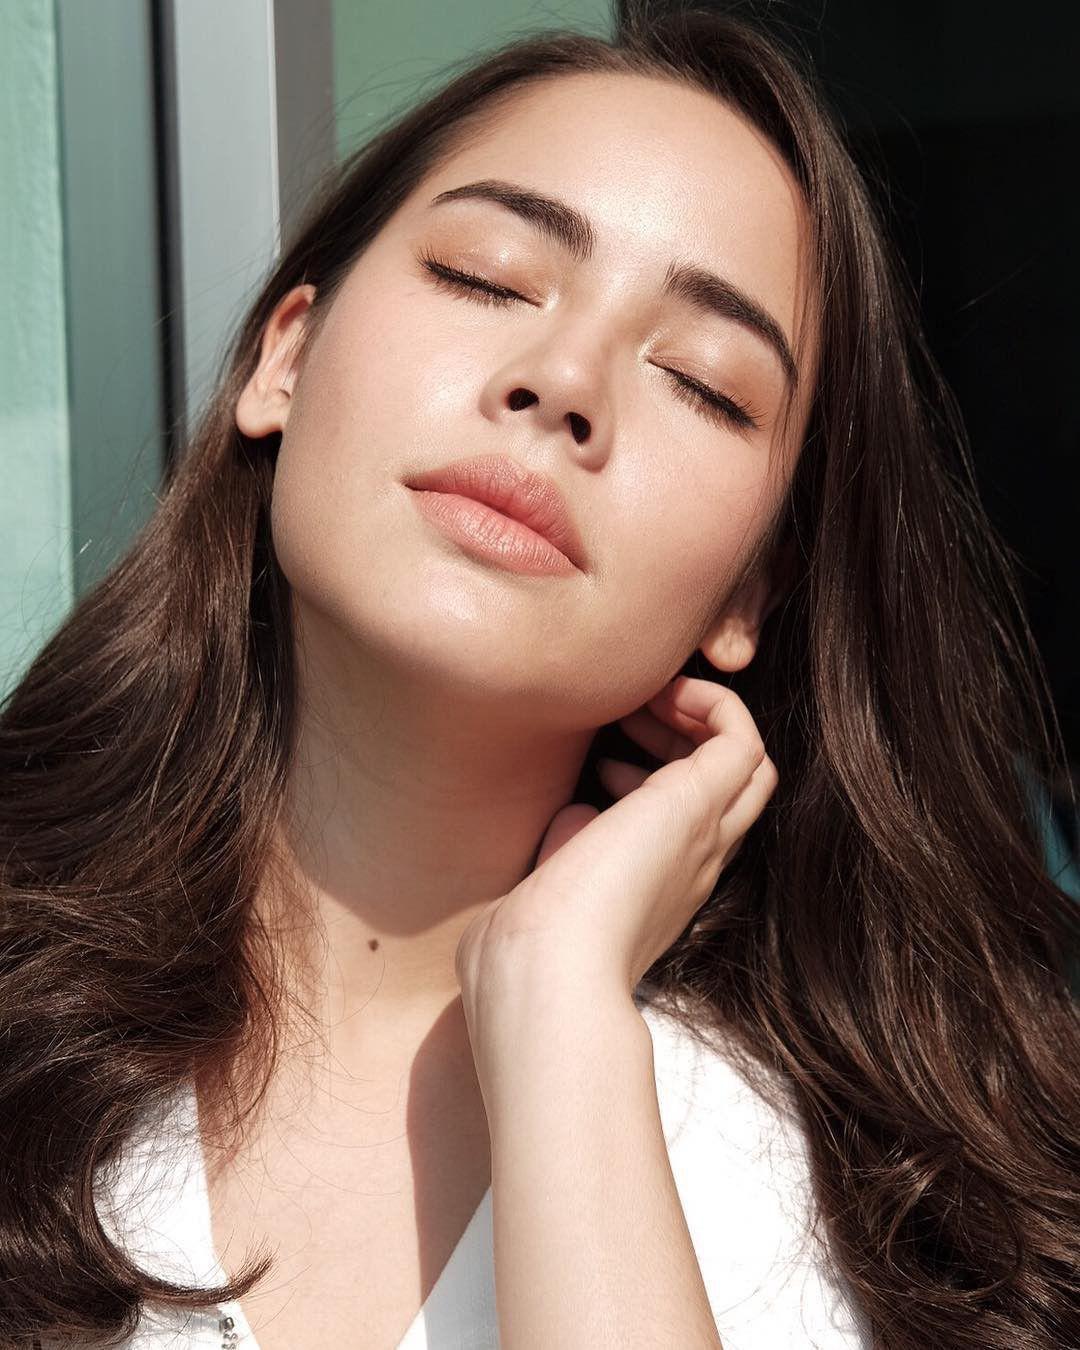 Top sao nữ đình đám Thái Lan có mũi đẹp nhất khiến chị em ghen tị (20)